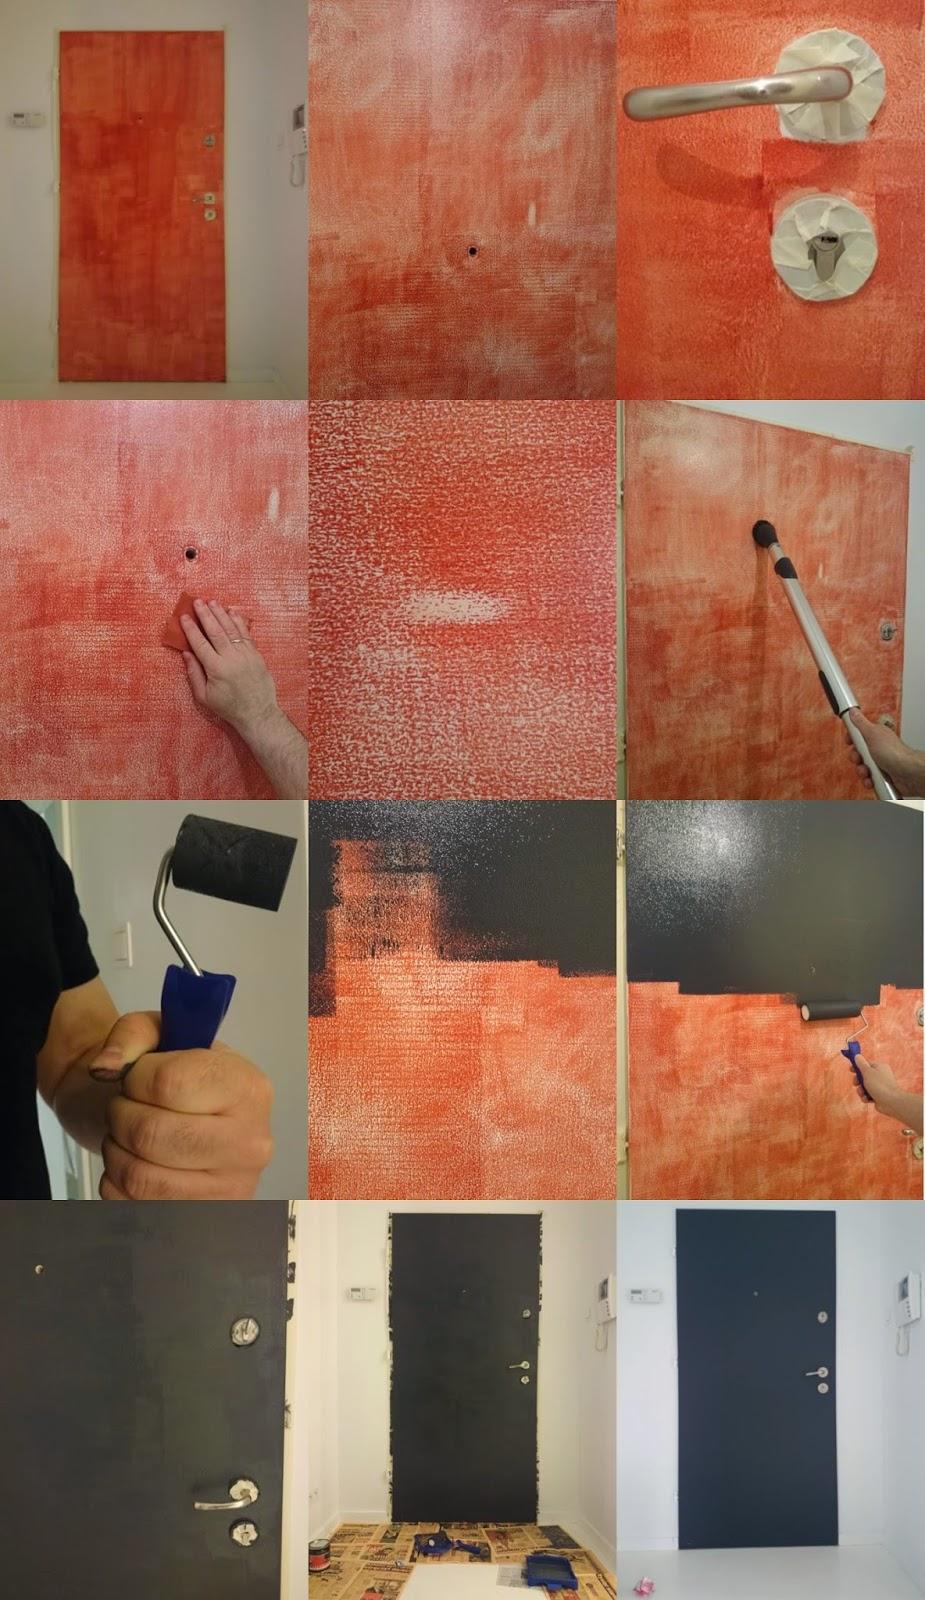 Malowanie drzwi farbą tablicową, farba tablicowa na drzwiach wejściowych